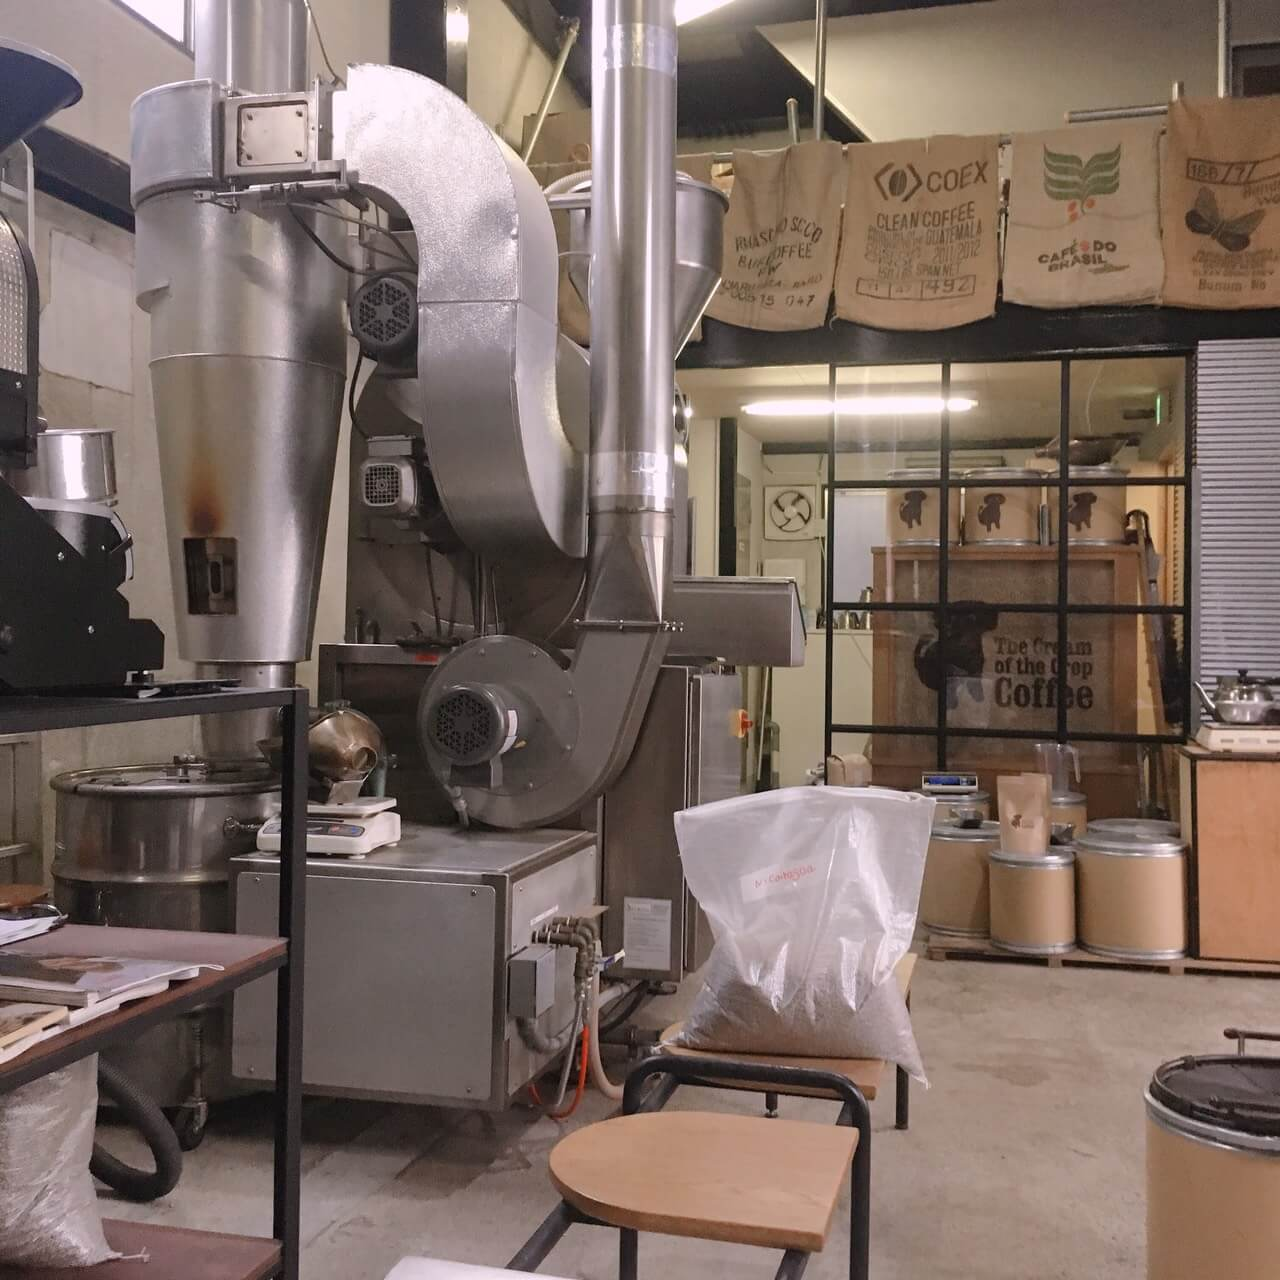 クリームオブクロップコーヒー